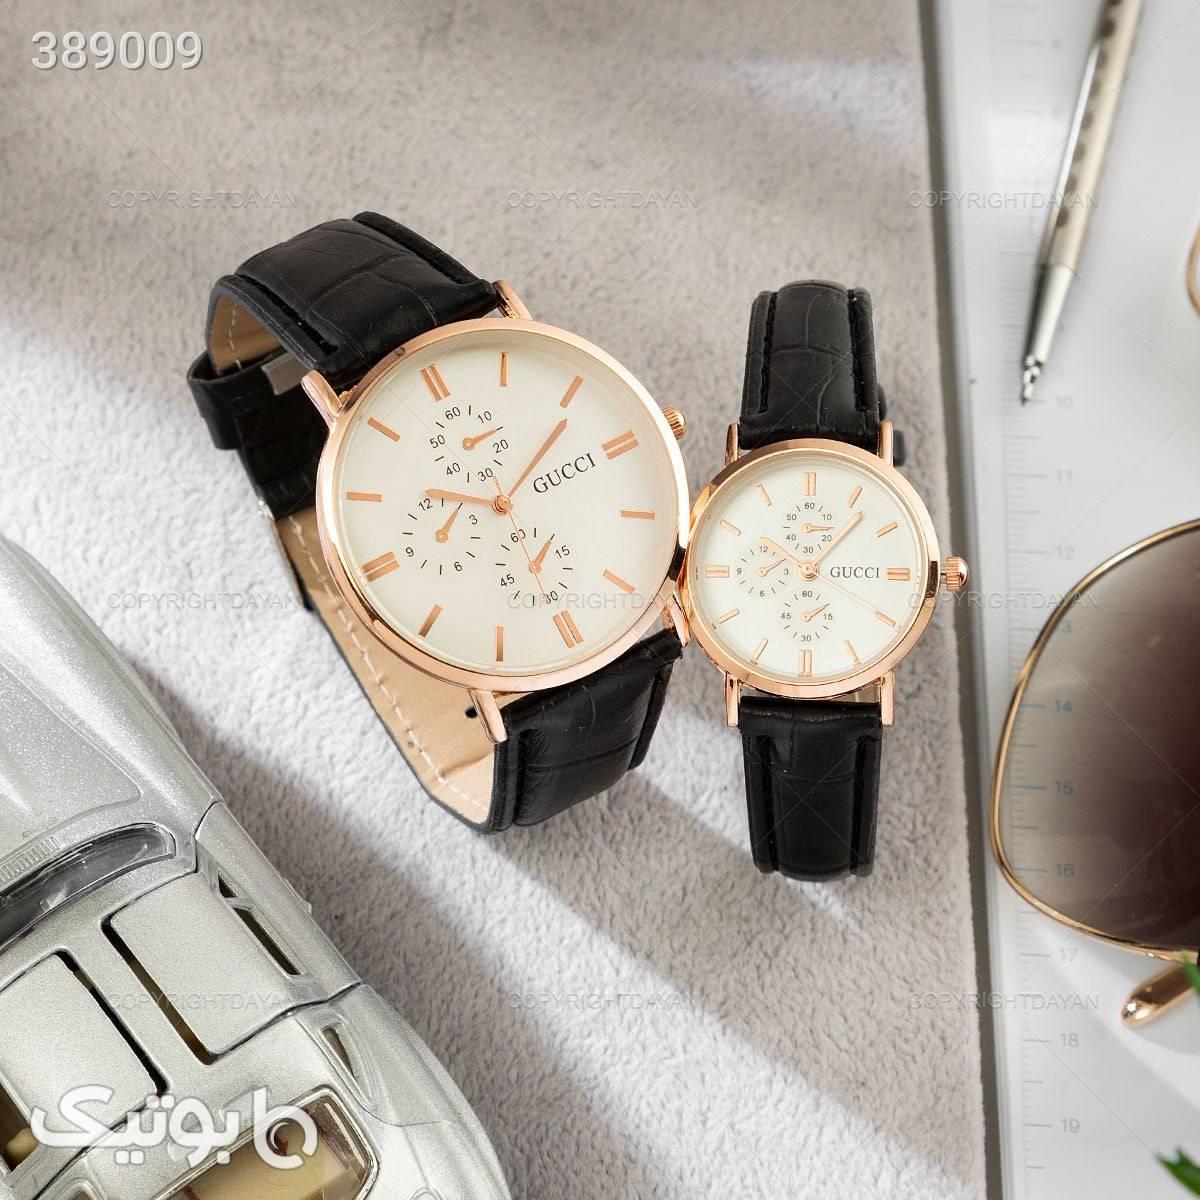 ست ساعت مردانه و زنانه گوچی مشکی ساعت